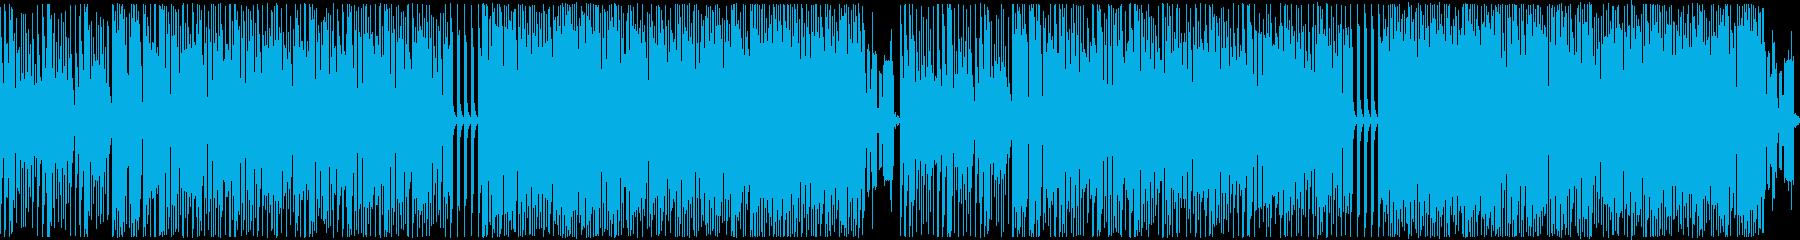 8bitファミコンオープニング【ループ】の再生済みの波形